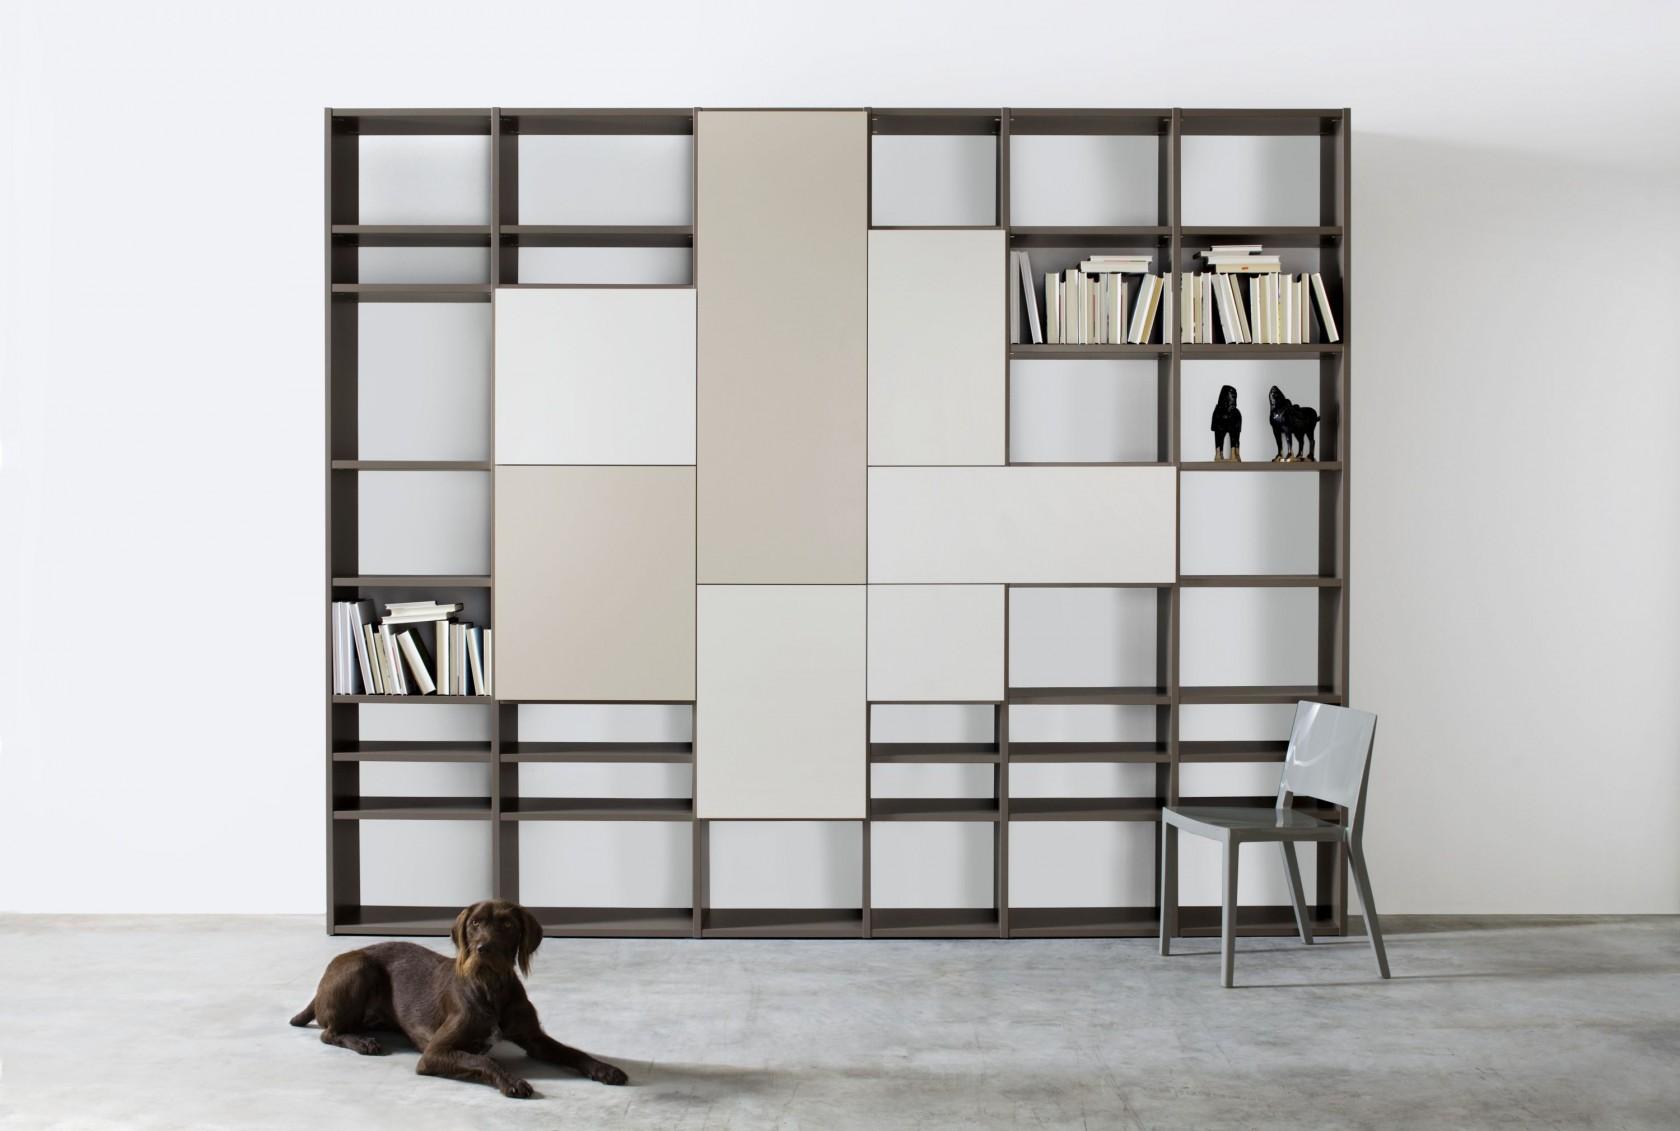 meubelen k chen nordhorn m bel nordhorn m bel faber. Black Bedroom Furniture Sets. Home Design Ideas